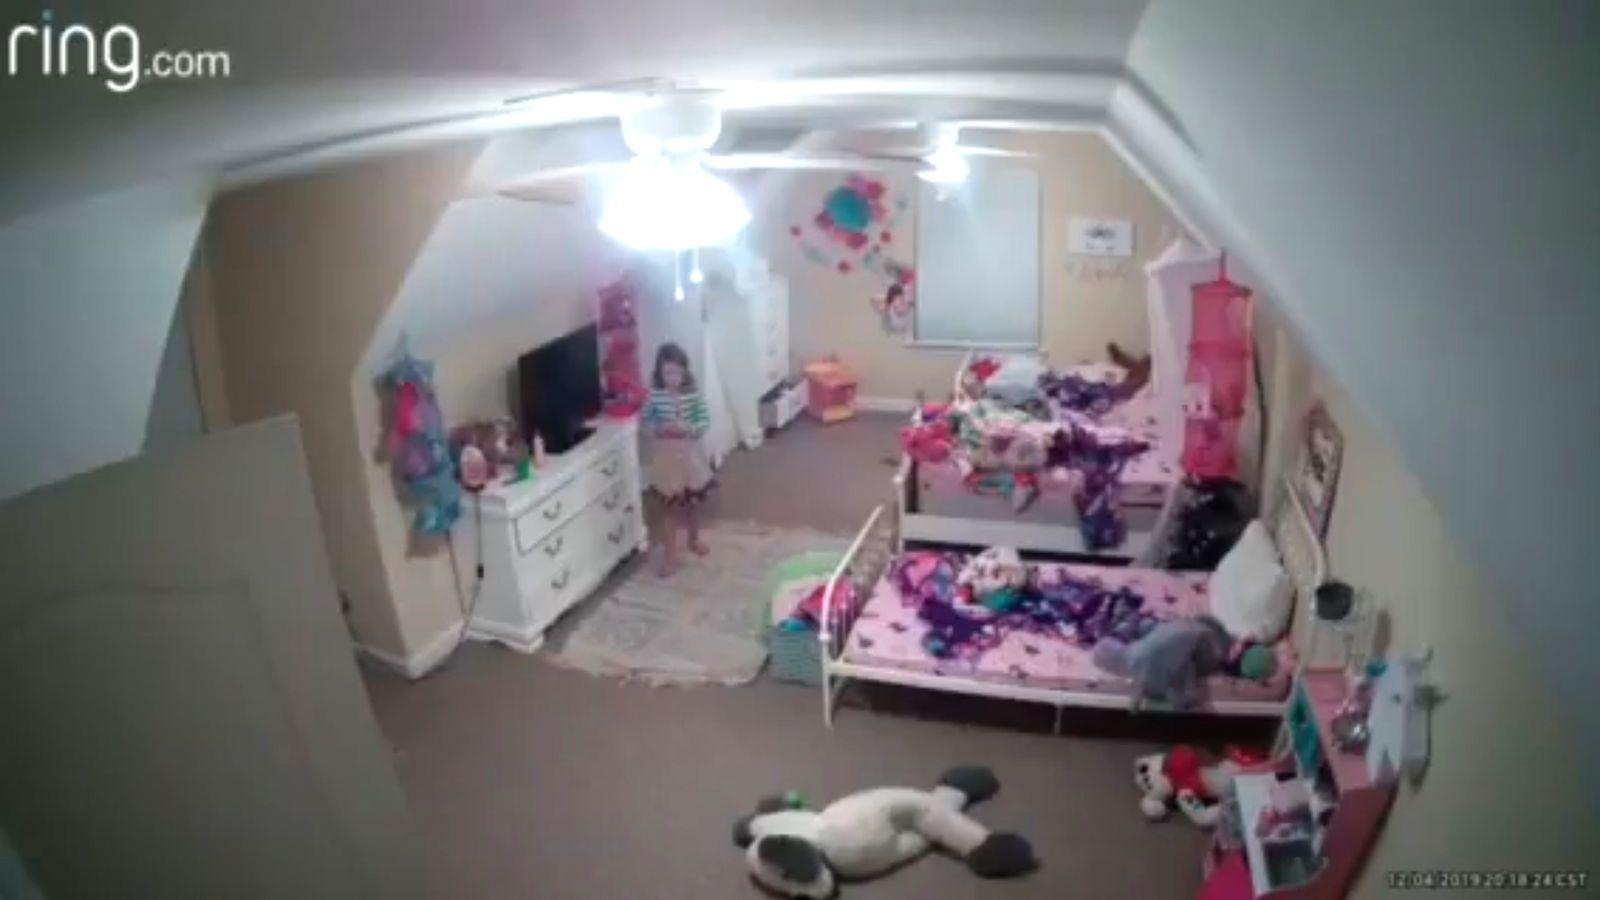 EINMALIGE VERWENDUNG Kamera Kinderzimmer SCREENSHOT NUR ALS ZITAT